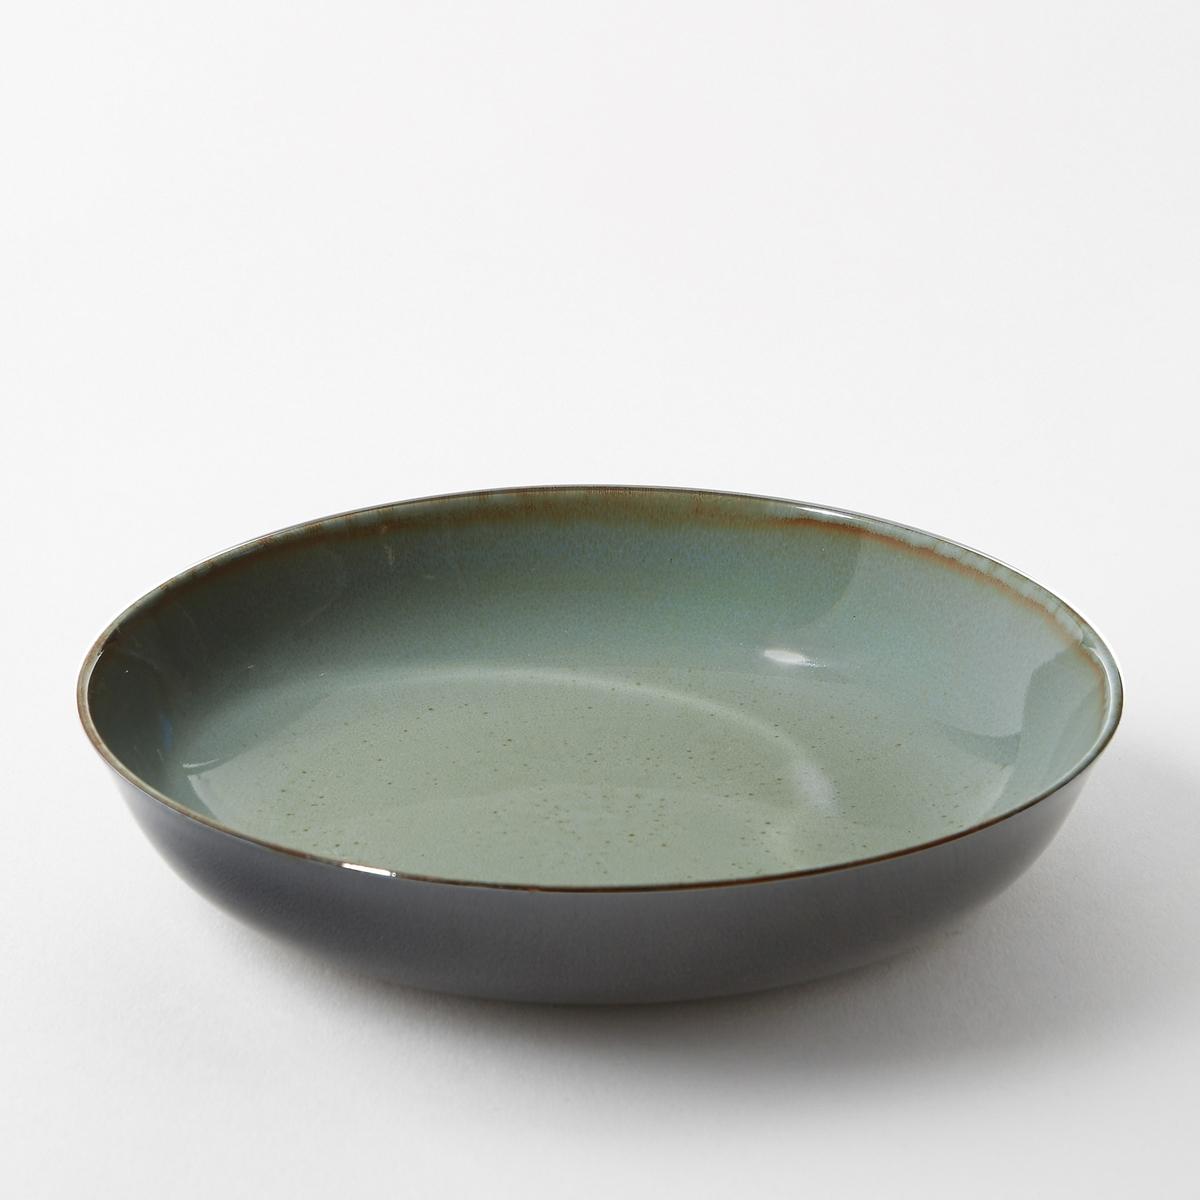 Тарелка глубокая из керамики, диаметр 21 см, BanokaГлубокая тарелка из керамики, покрытой глазурью, Banoka придаст Вашему интерьеру ярких цветов и перенесет Ваших гостей в мечту. Размеры  : диаметр 21 x высота 4 см.<br><br>Цвет: серо-синий<br>Размер: единый размер